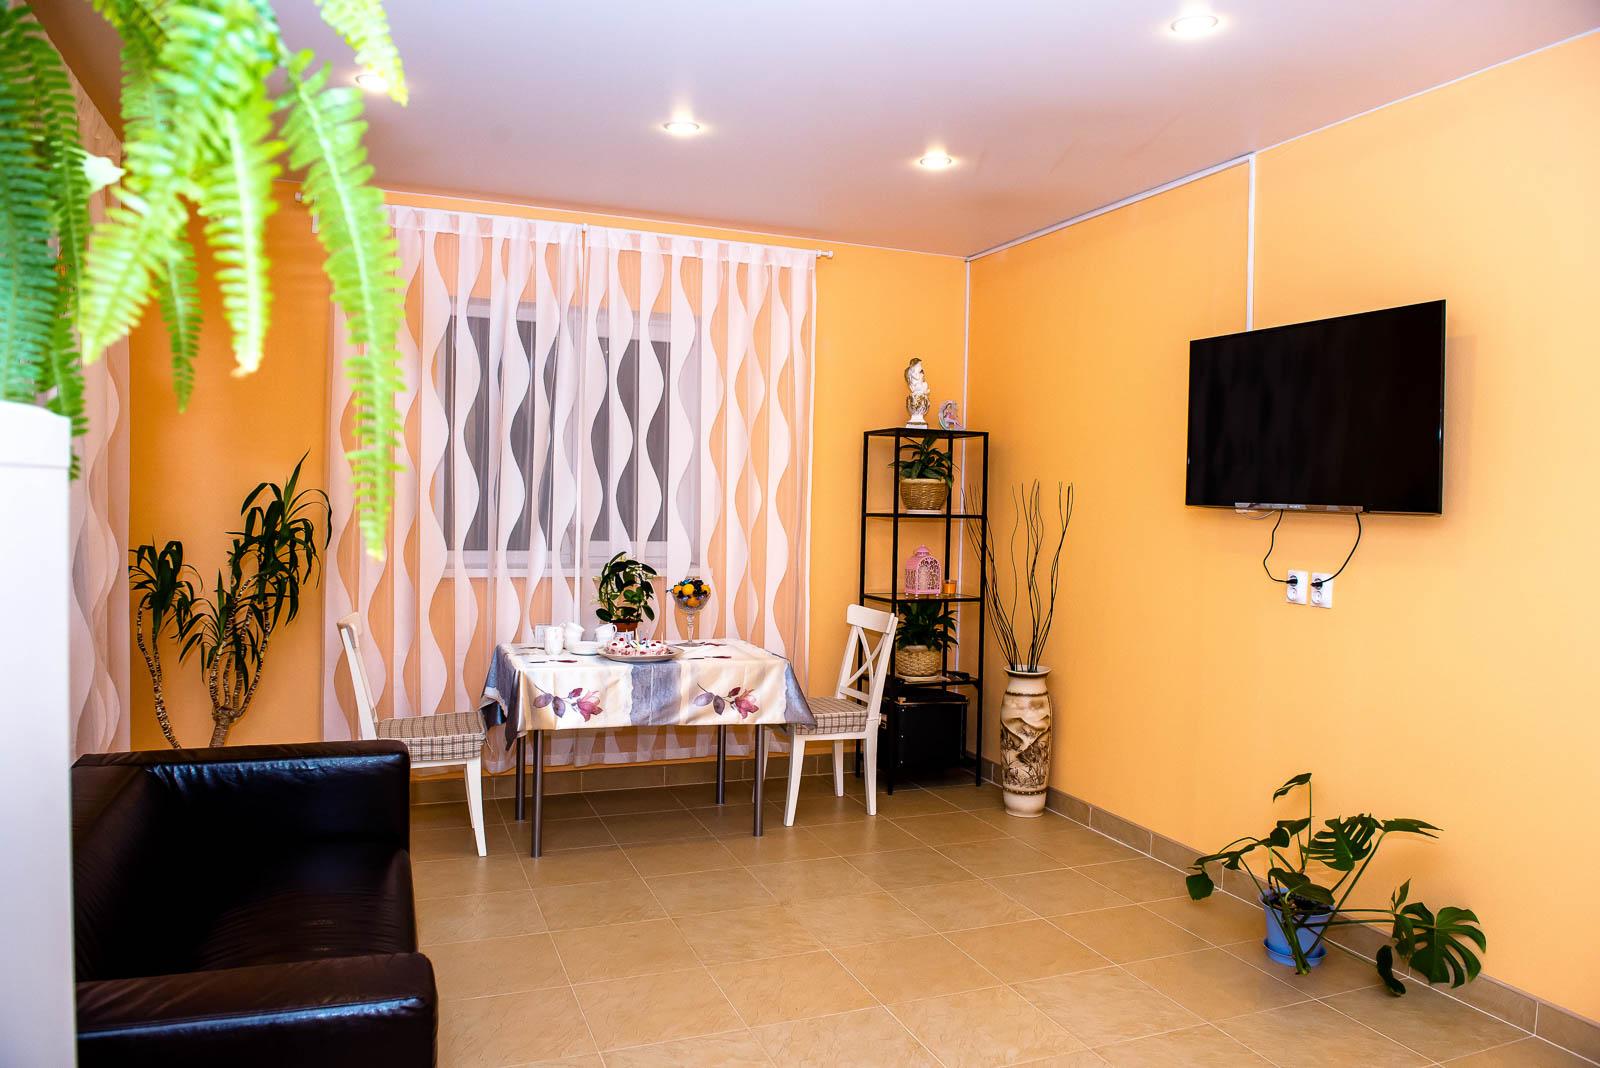 Домашний очаг дом для престарелых как оформиться в дом престарелых в волгограде